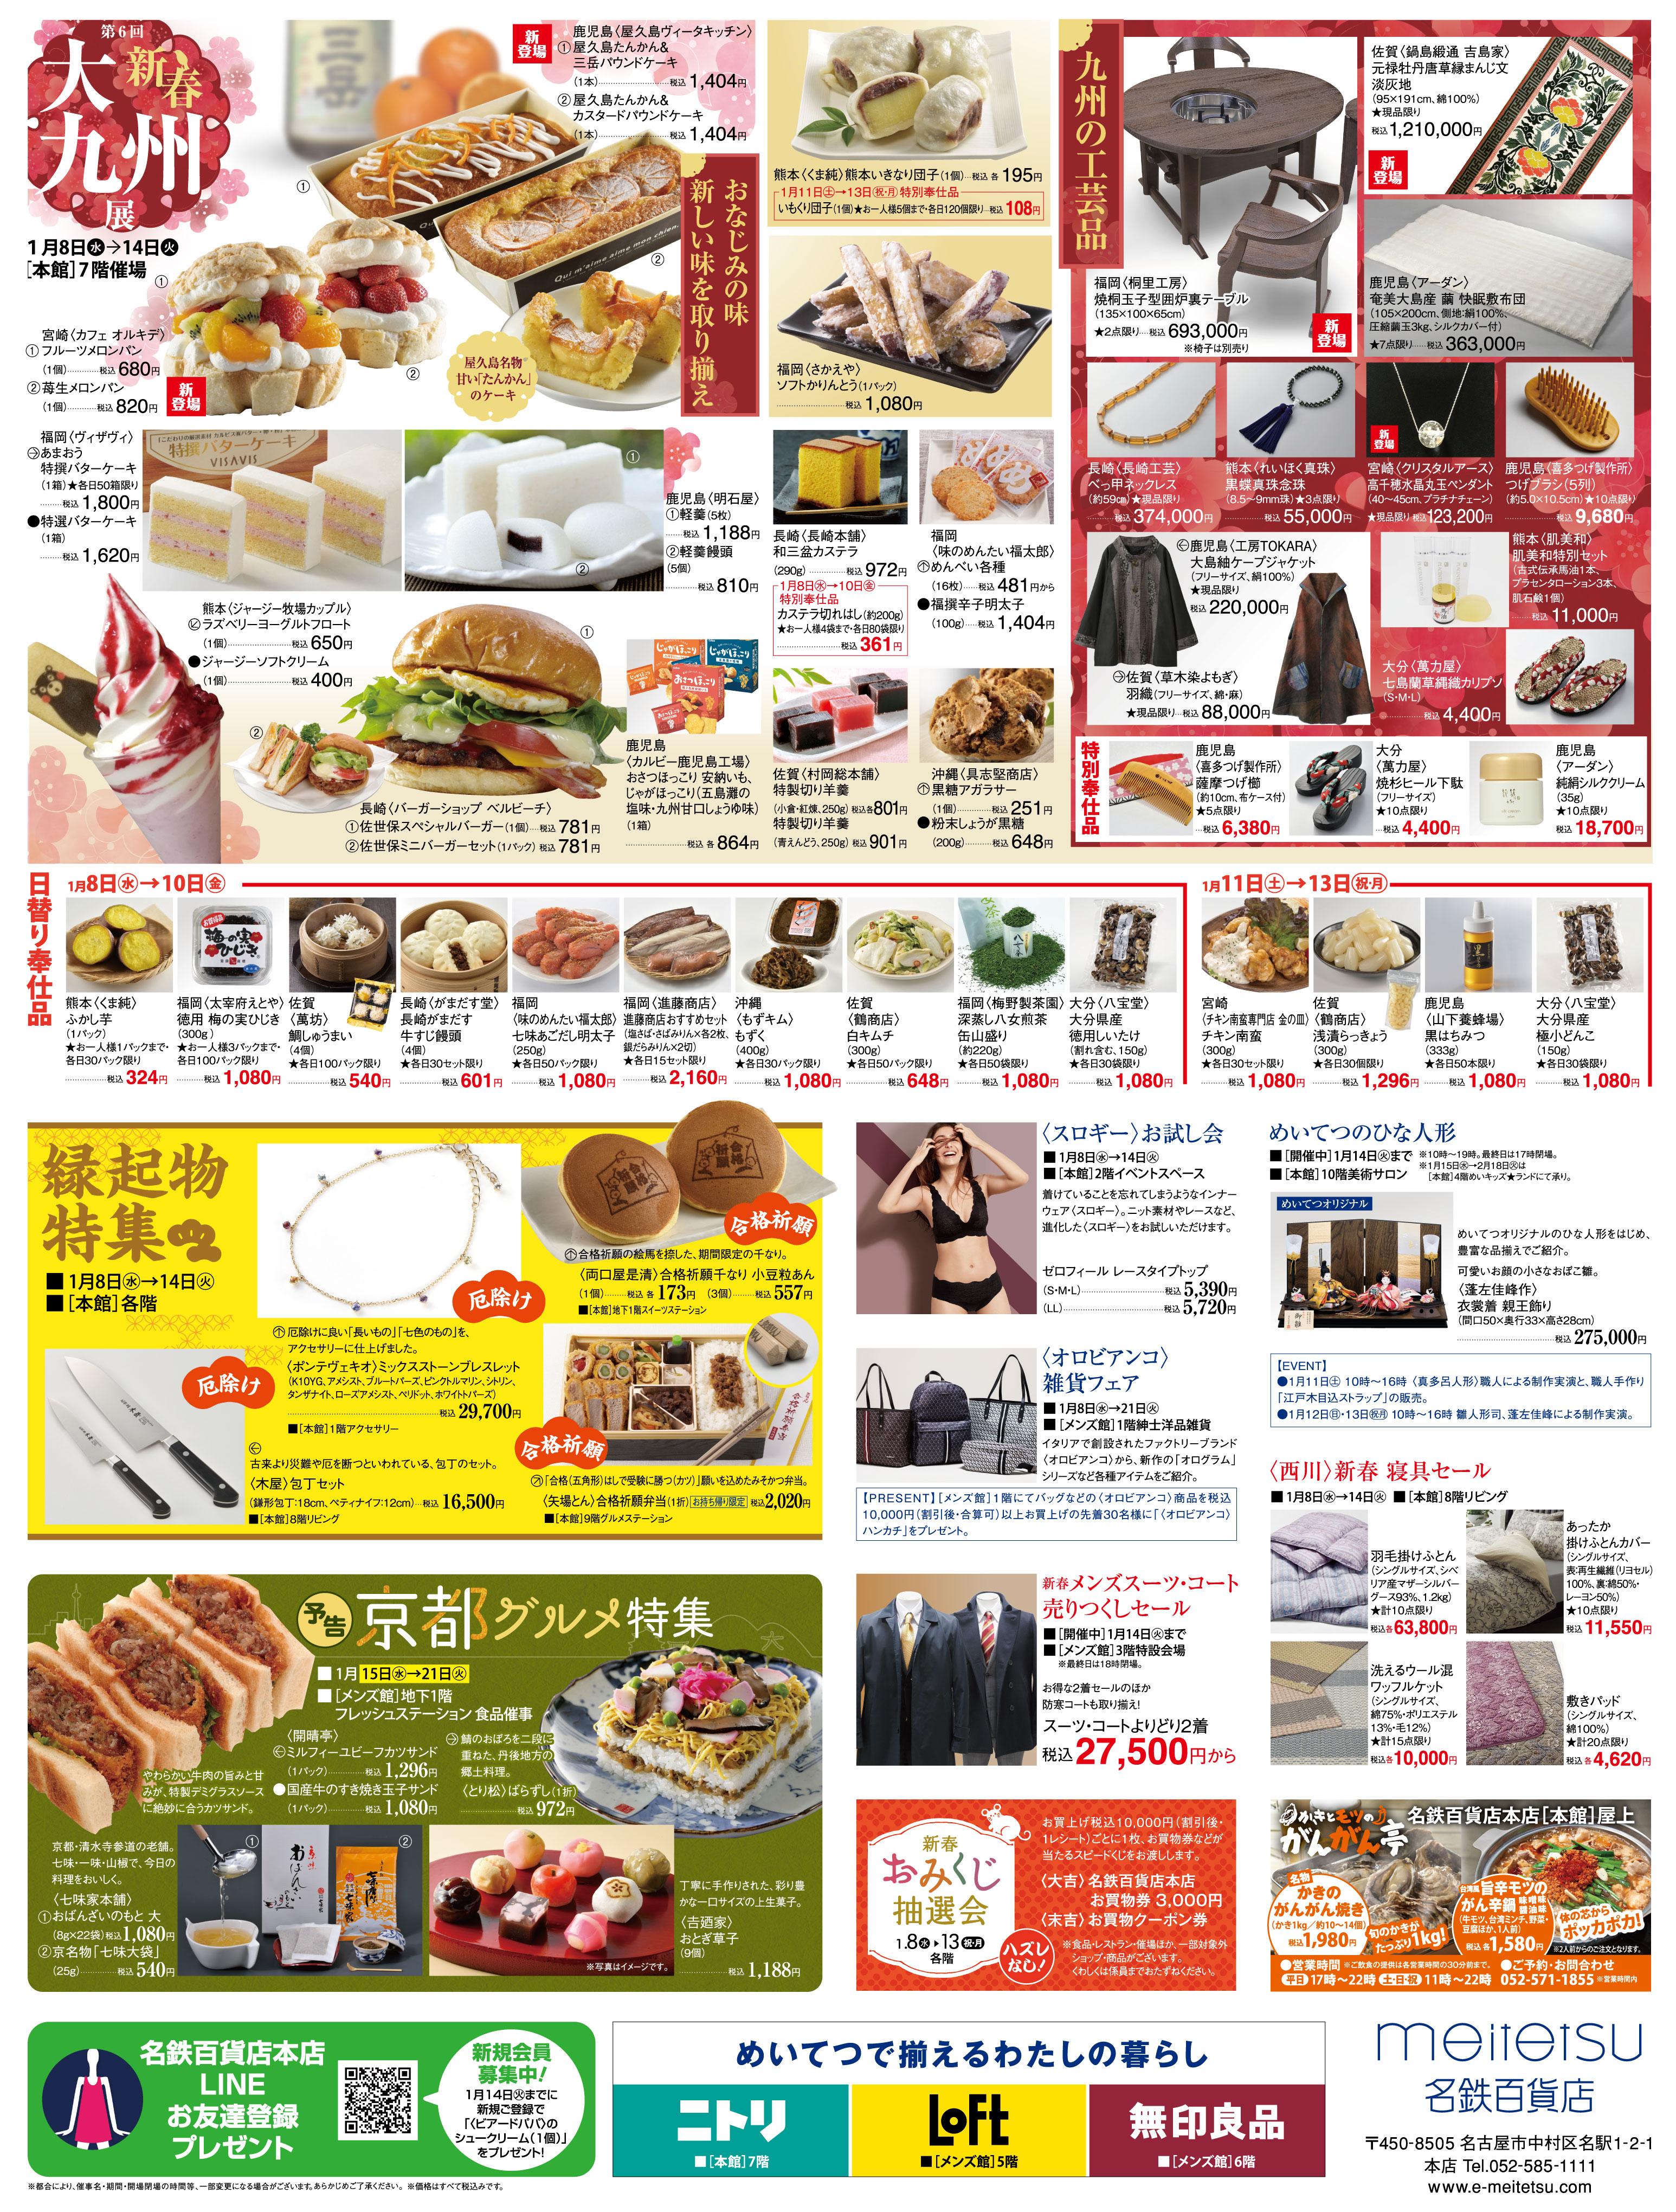 제6회 New year Kyushu region exhibition